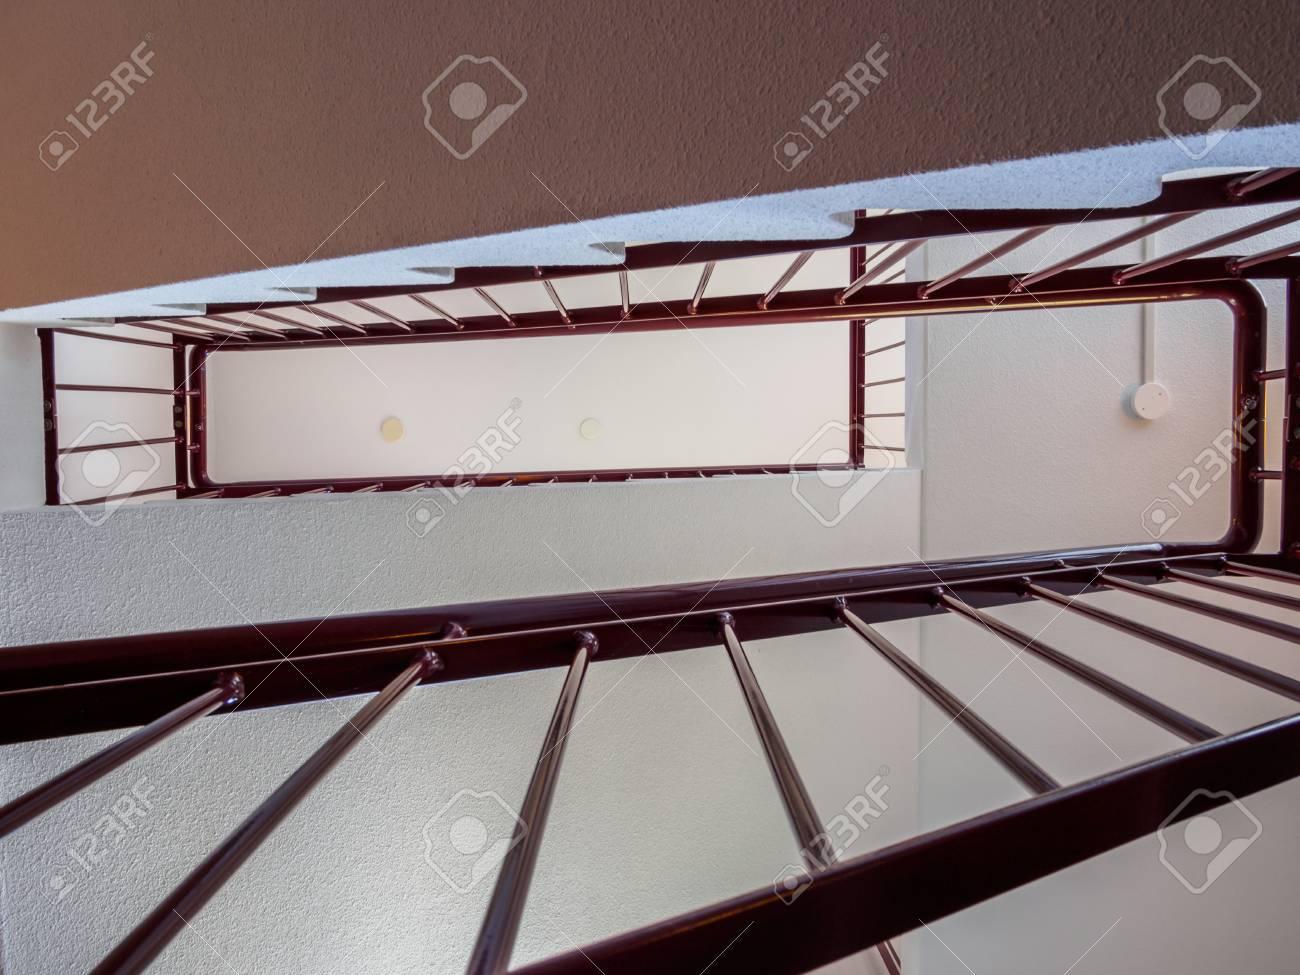 Sucht Sich Durch Ein Einfaches Modernes Treppenhaus Lizenzfreie